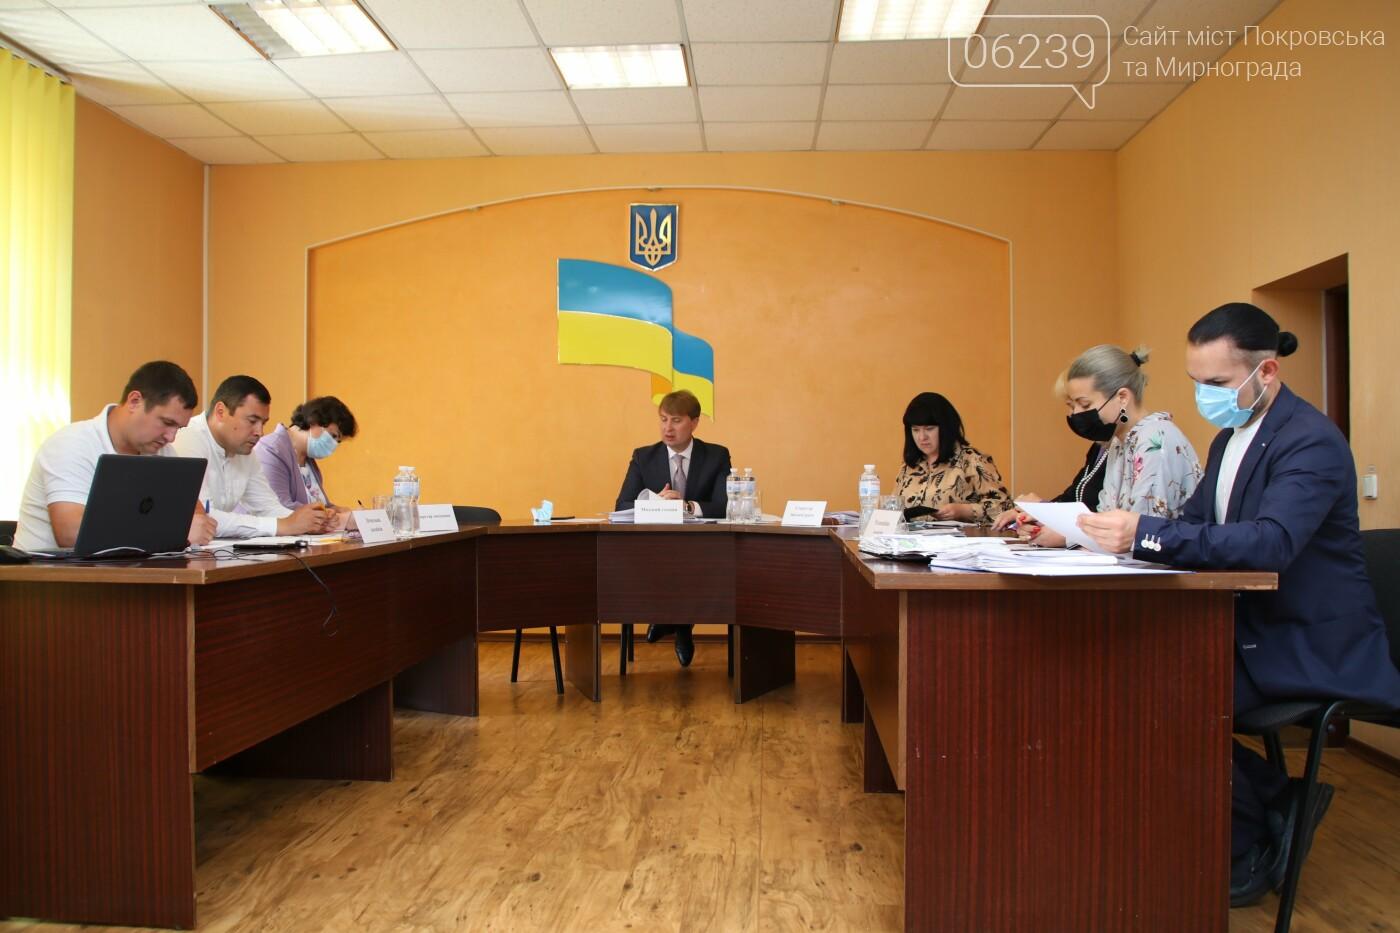 Вопросы благоустройства города и местного бюджета: в Мирнограде состоялась сессия городского совета, фото-6